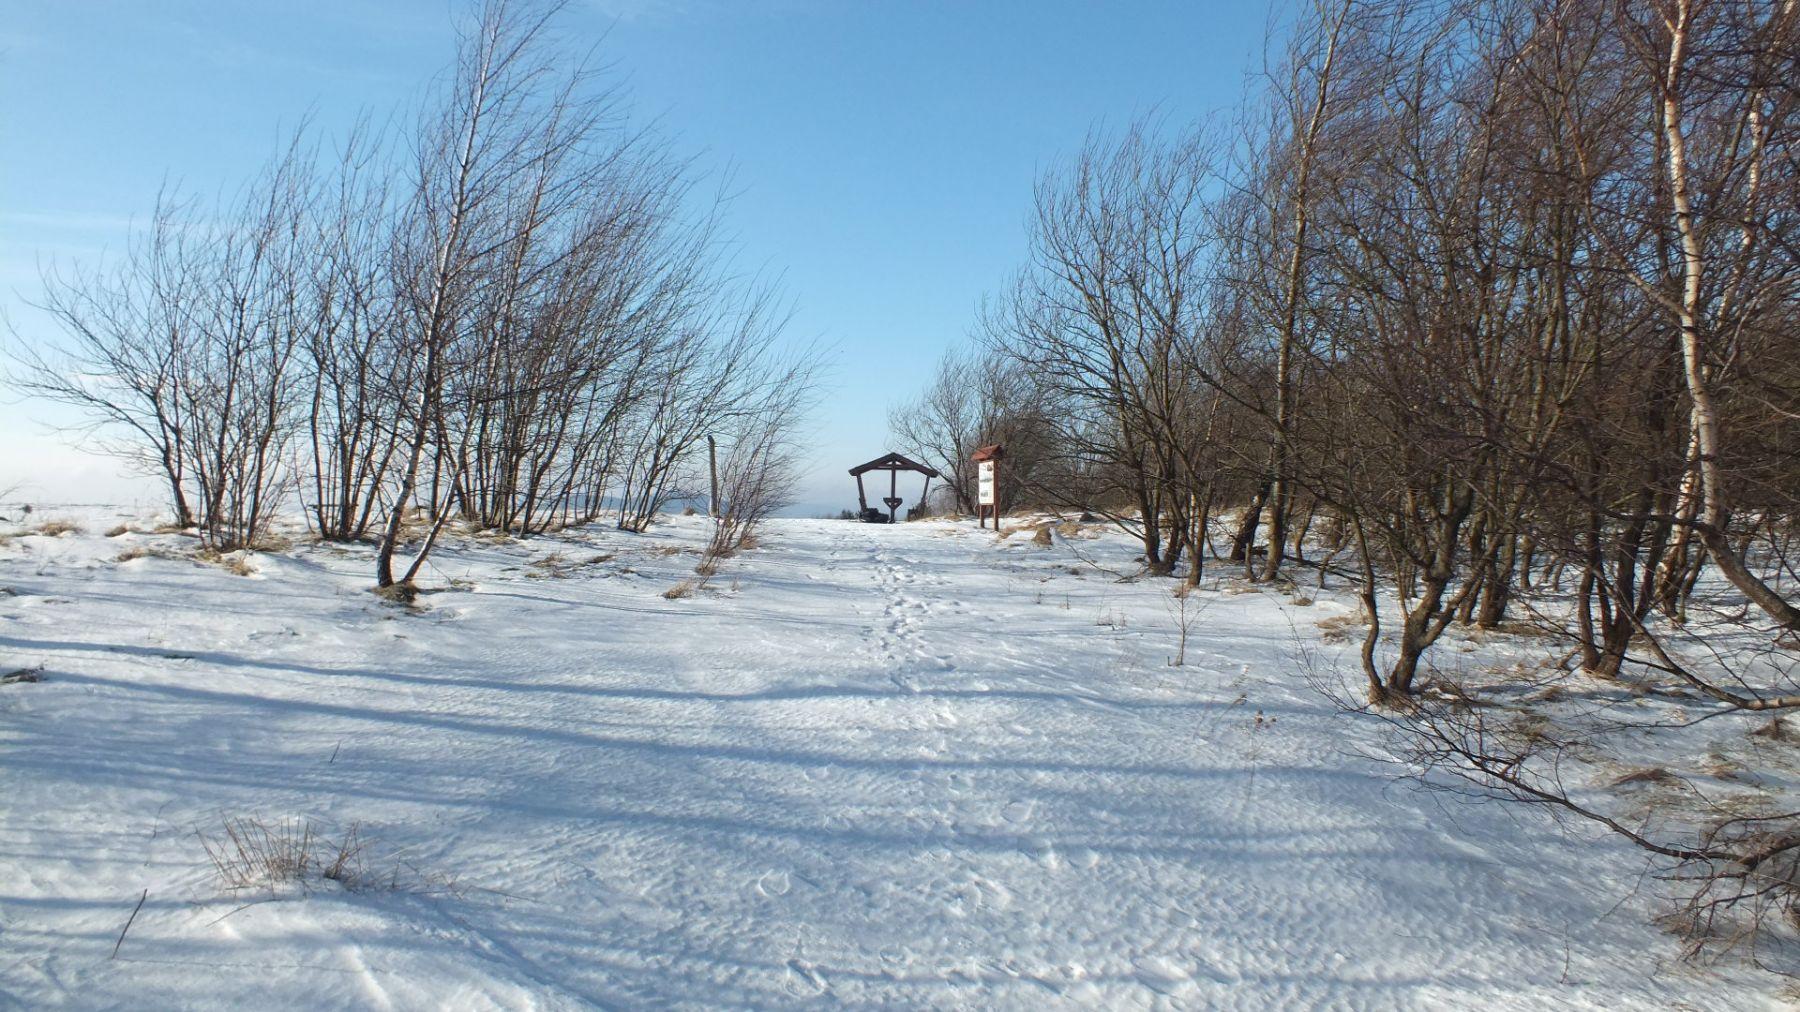 Przymiarki Zima 1